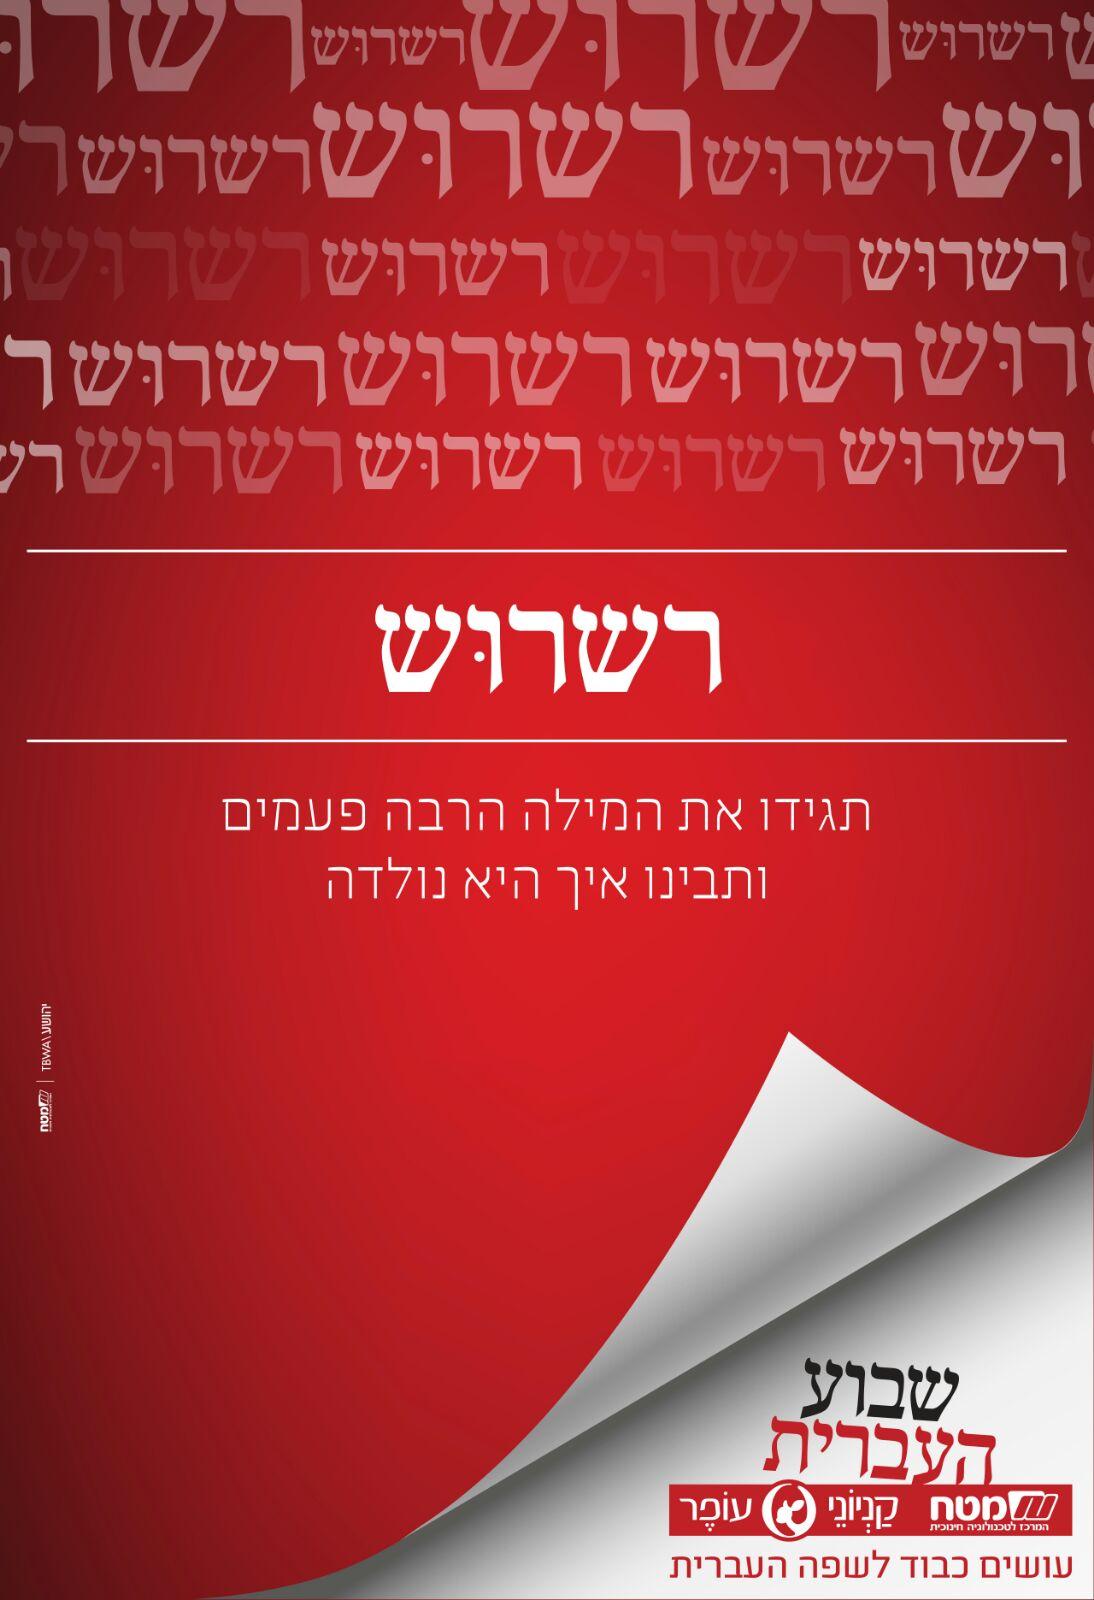 מסע פרסומי המציג את הצדדים המשעשעים של השפה העברית 11